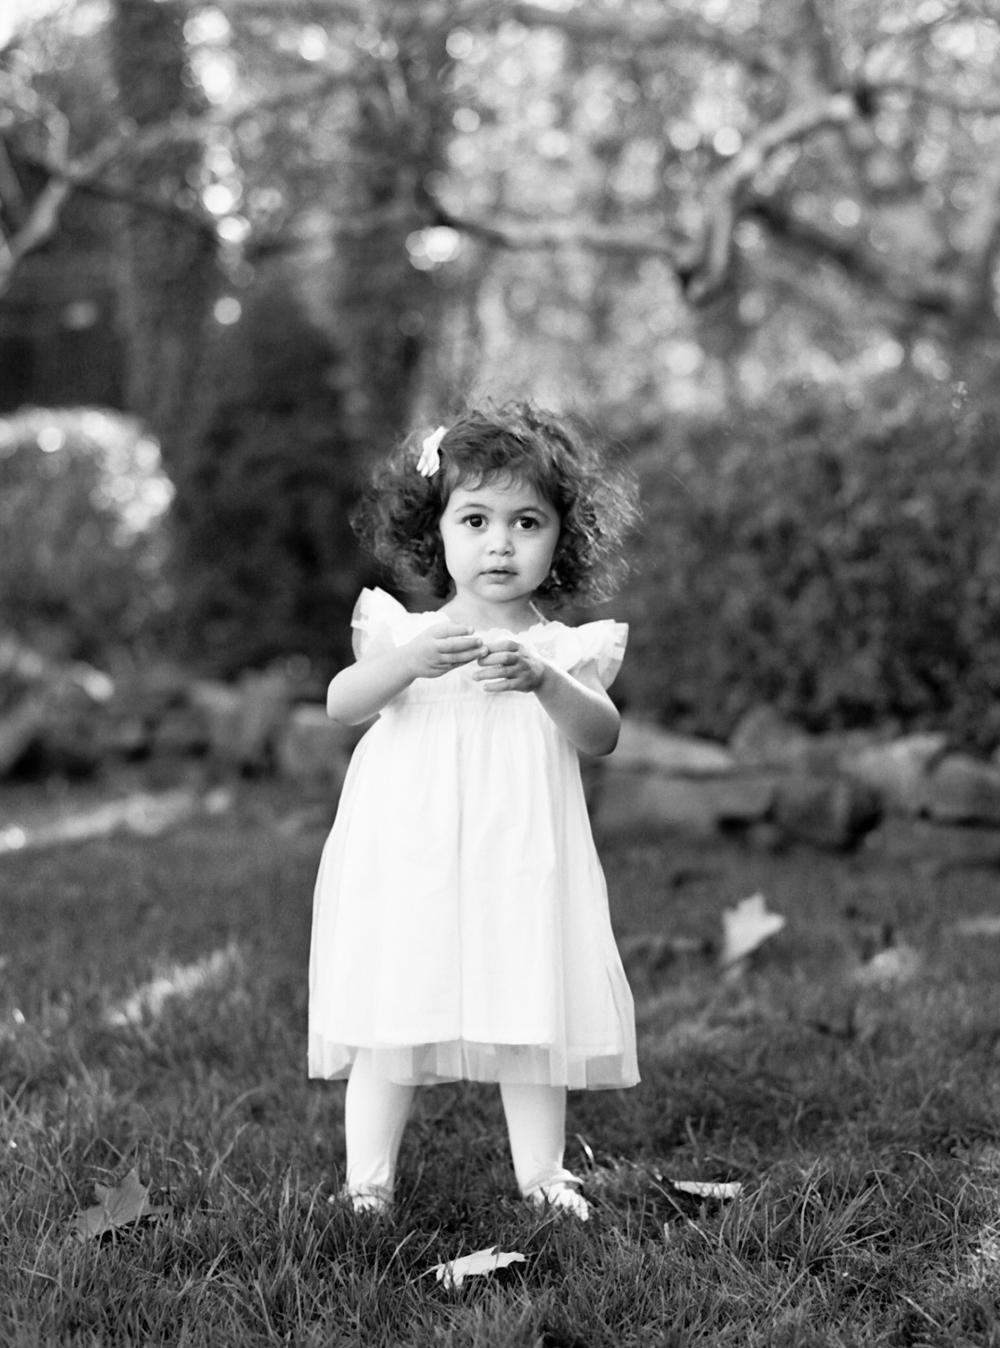 cristina-lozito-photography-families-19.jpg